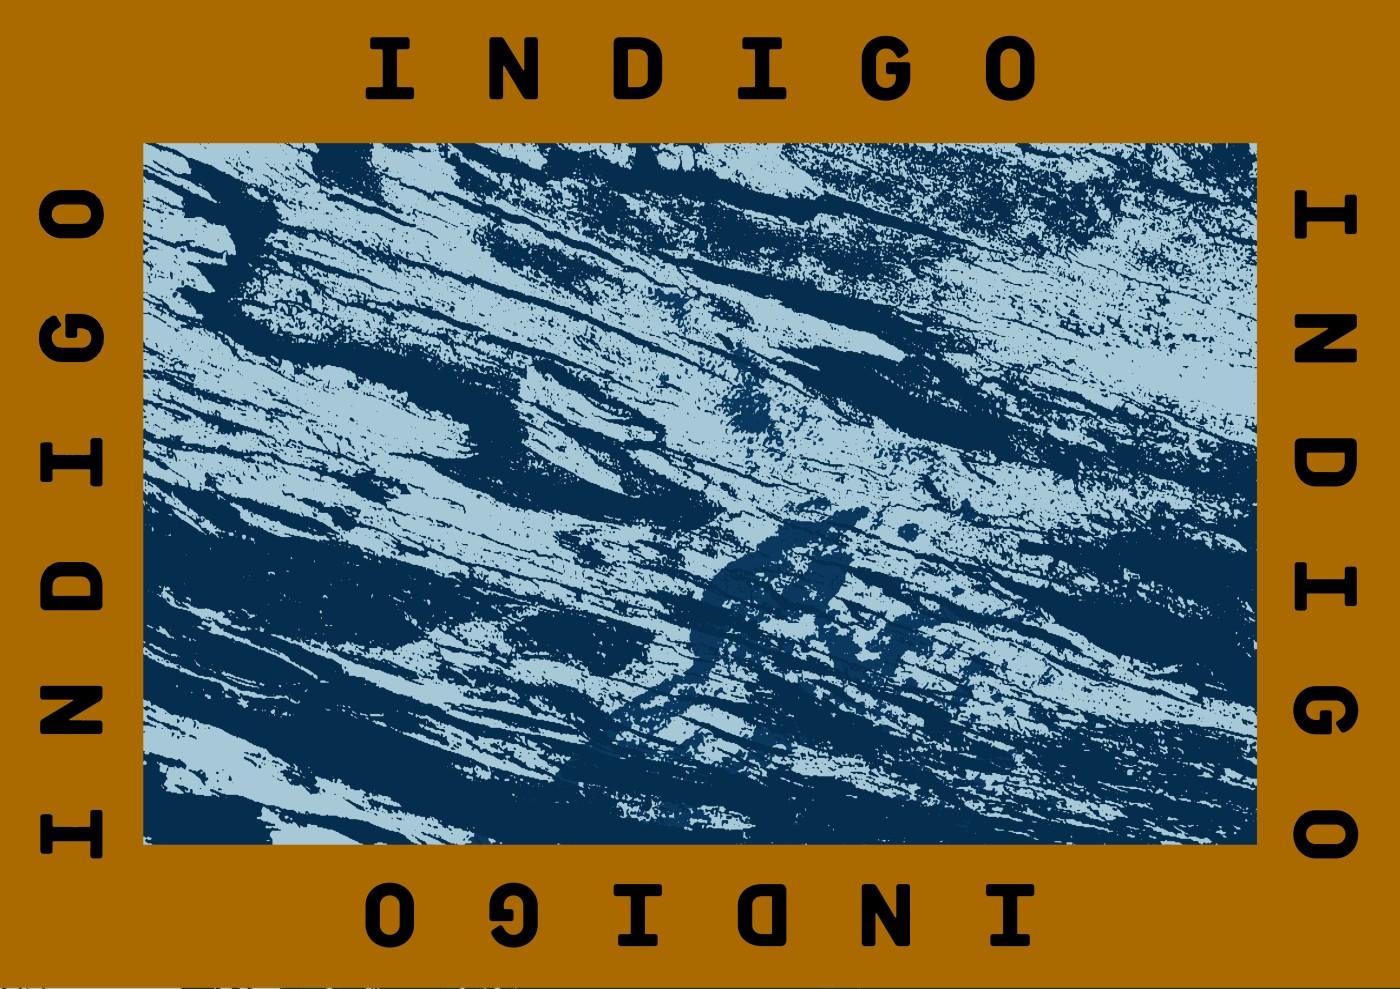 indigocolorartboard-1-copy-9